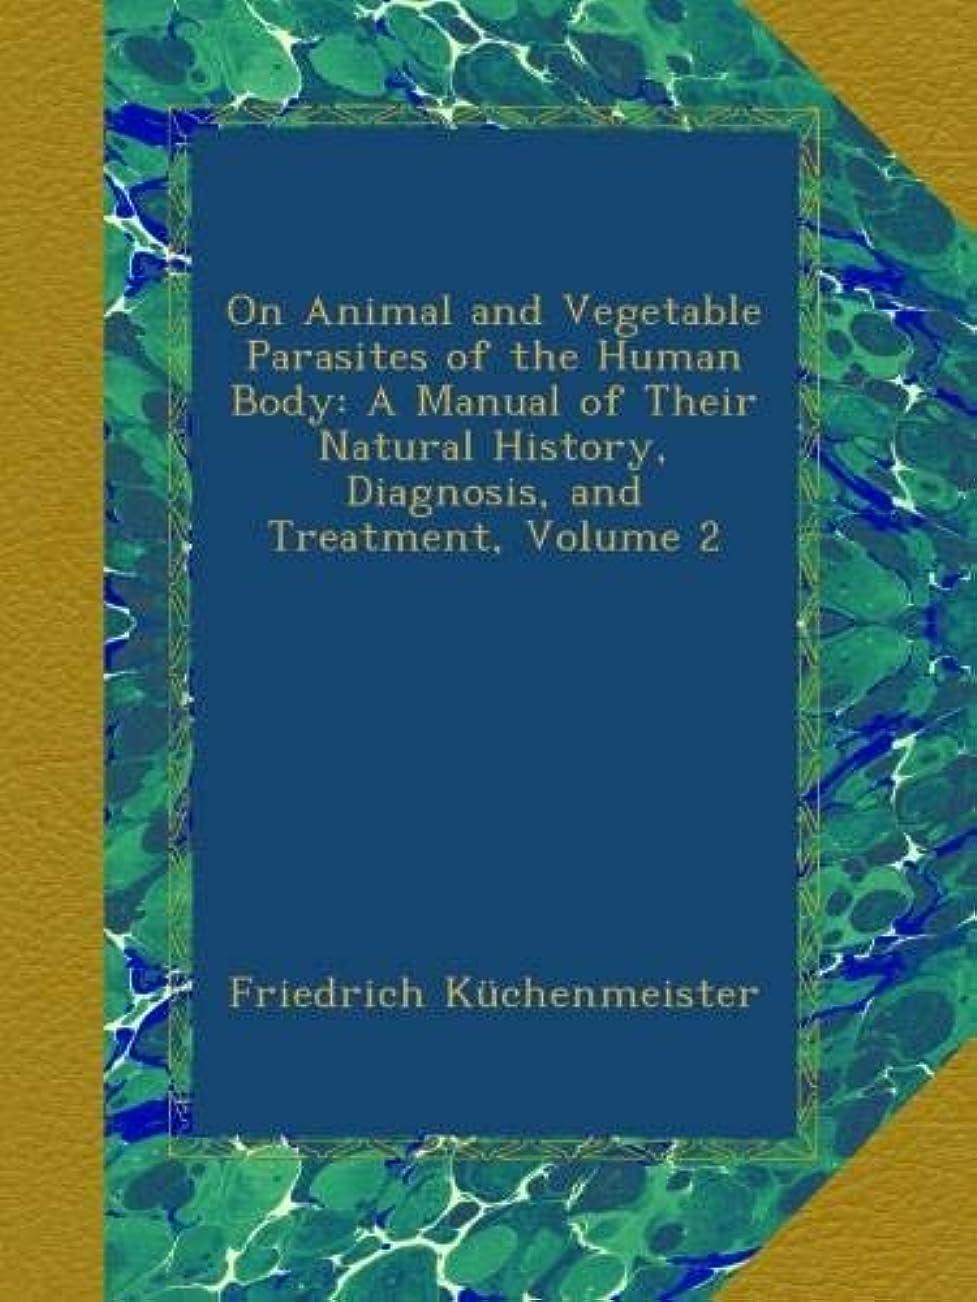 スタウト雑草治療On Animal and Vegetable Parasites of the Human Body: A Manual of Their Natural History, Diagnosis, and Treatment, Volume 2